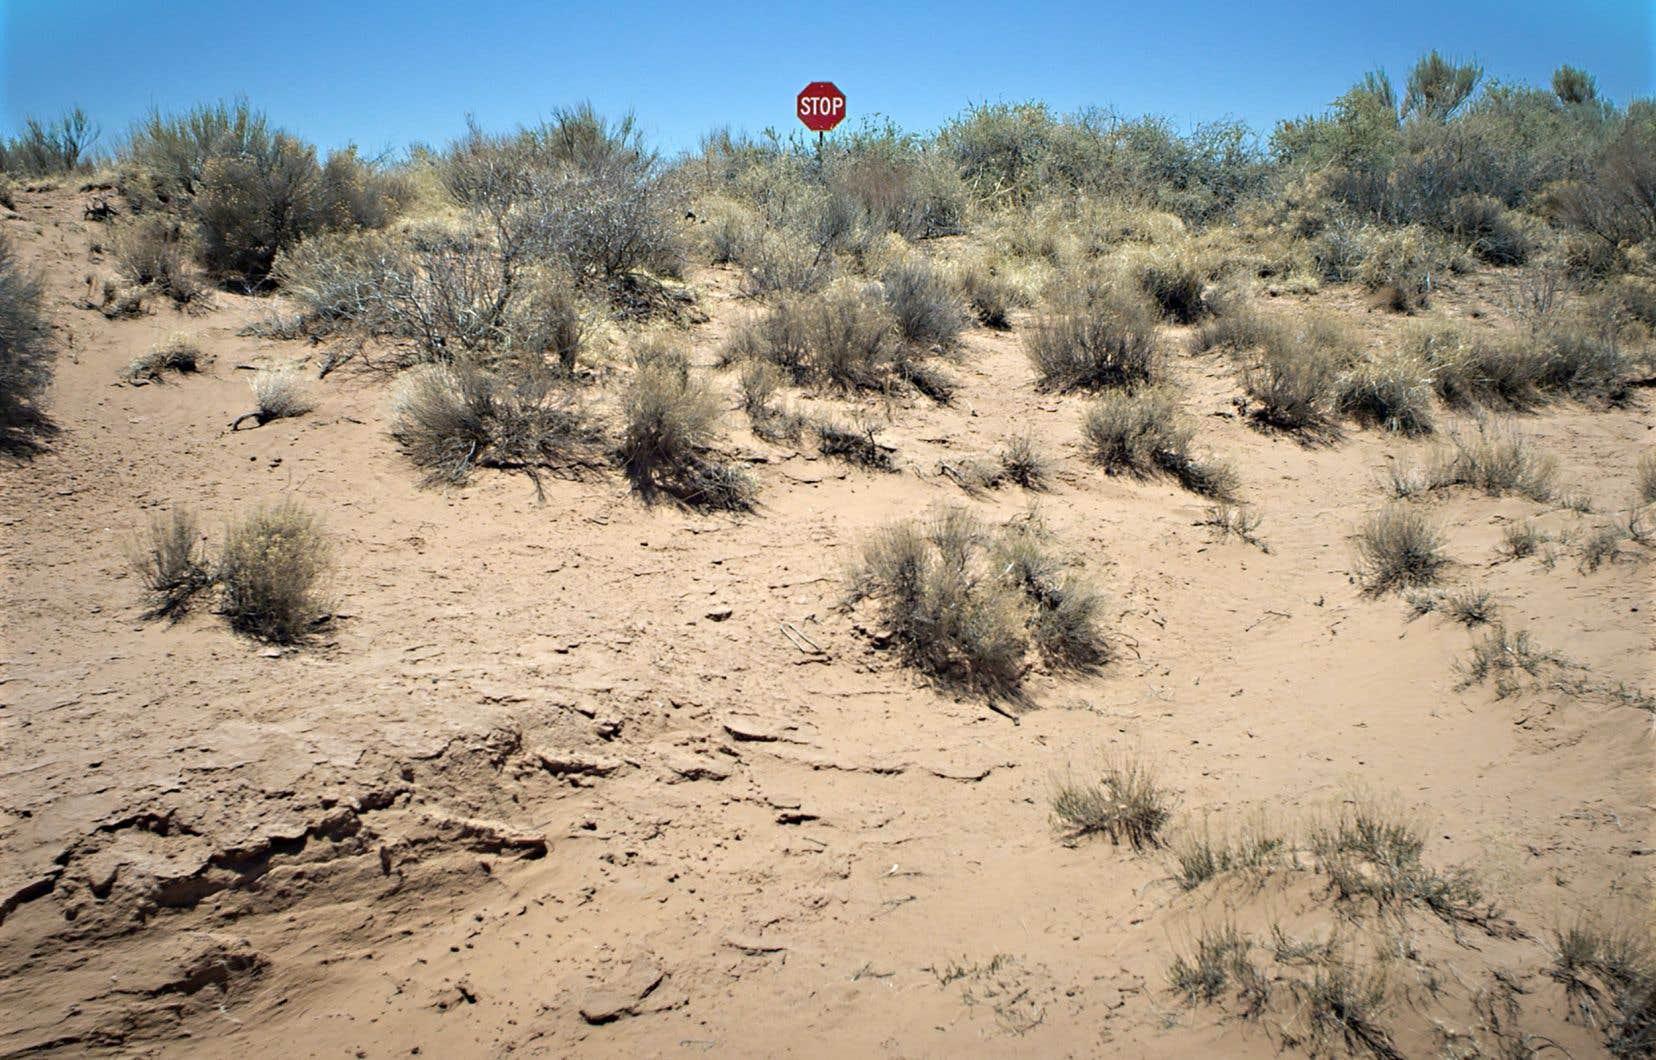 En une démonstration additionnelle de son imagination débridée, Sophie Bédard Marcotte intègre la parole de Chantal Akerman lors d'une séquence hautement symbolique de traversée du désert. Émanant des cieux, sa voix vient rassurer, éclairer, remettre en perspective…